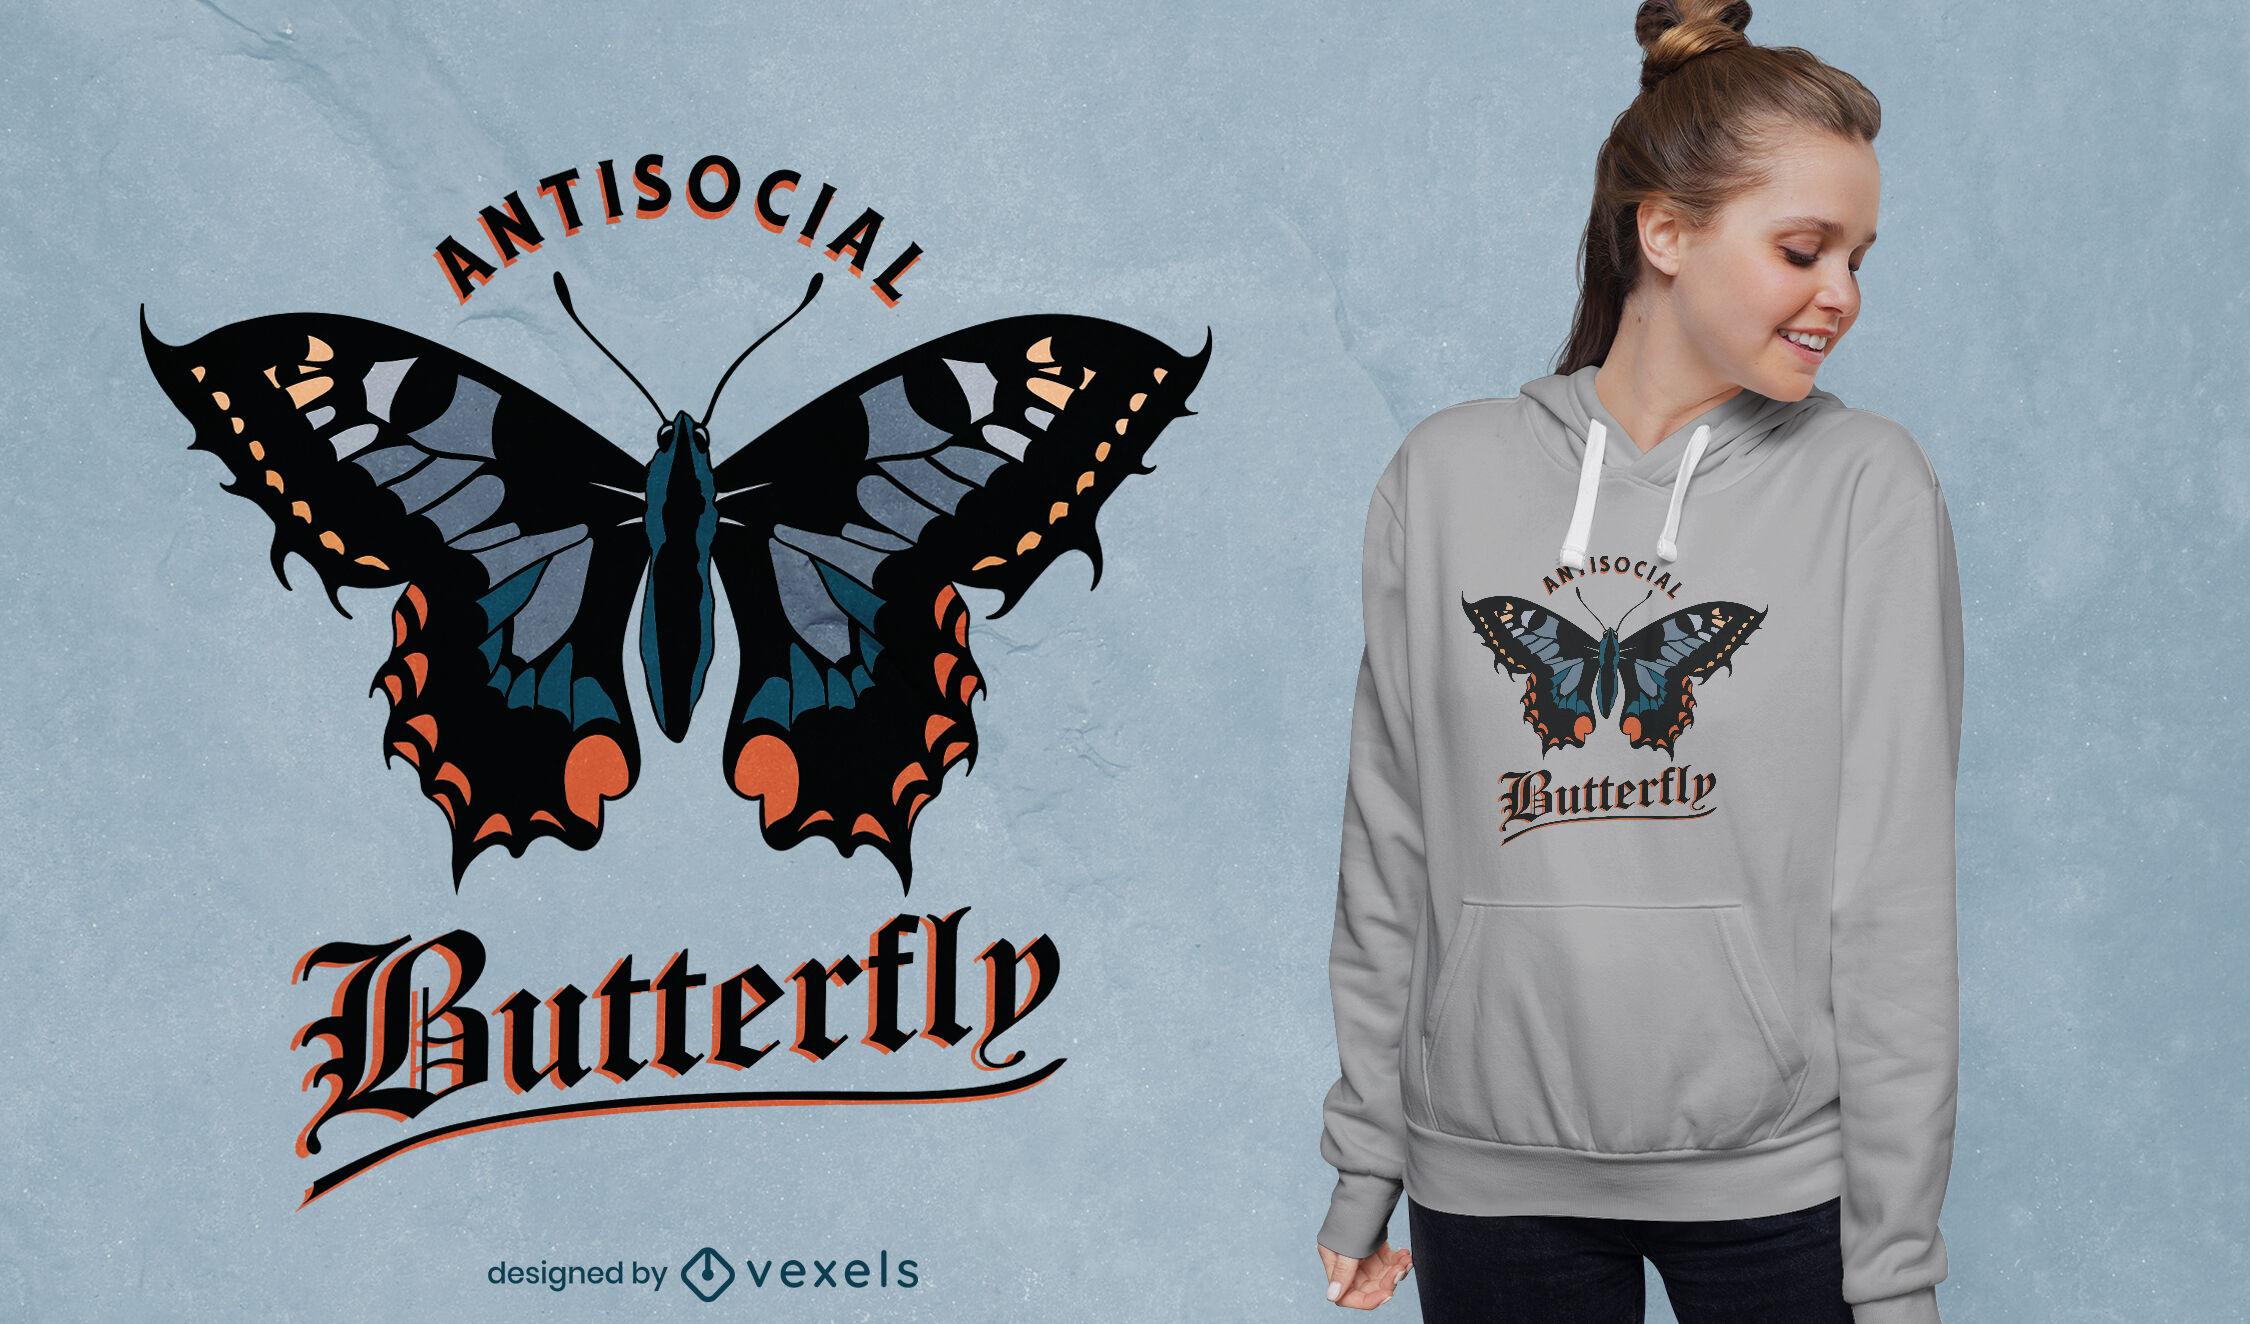 Gran dise?o de camiseta de mariposa antisocial.